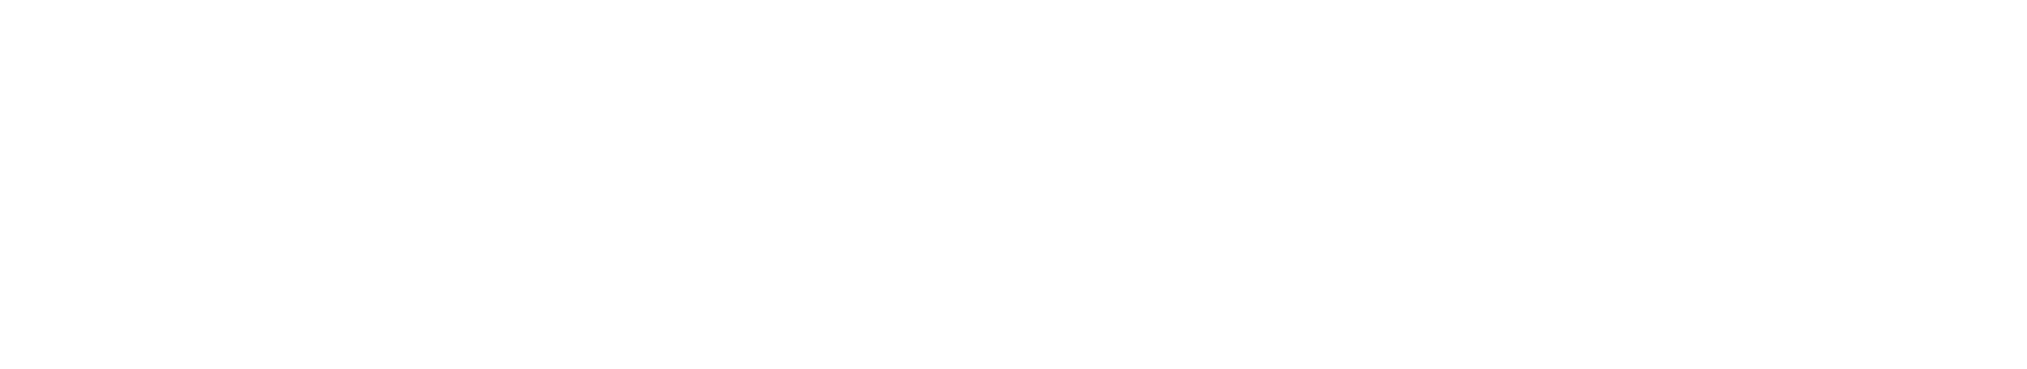 YouHost